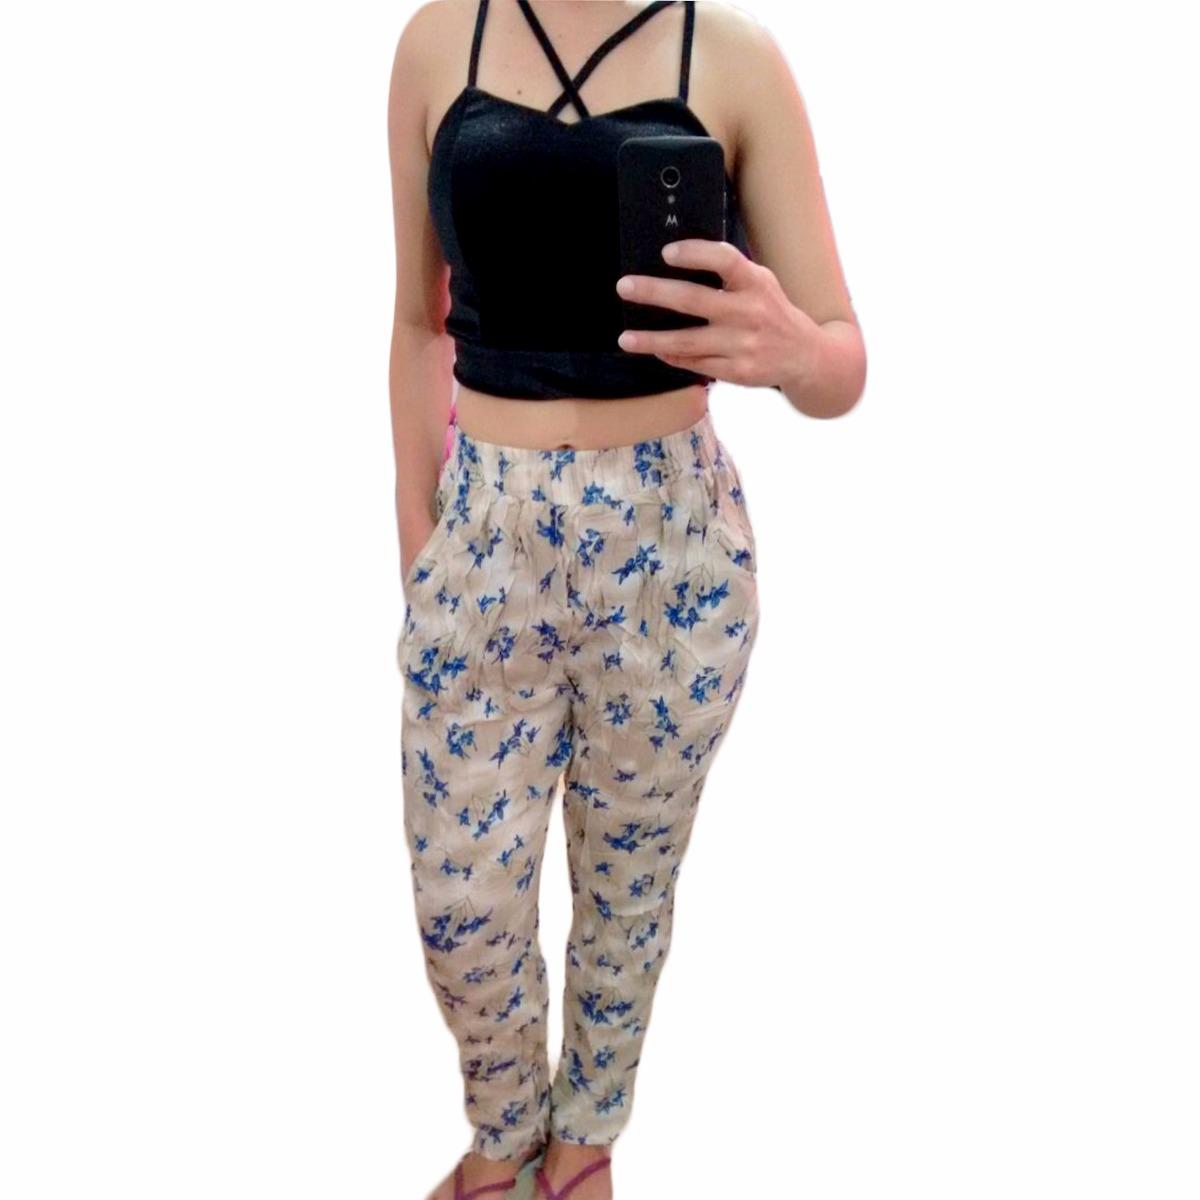 178176e5c calca pijama de viscose estampada importada ct011. Carregando zoom.